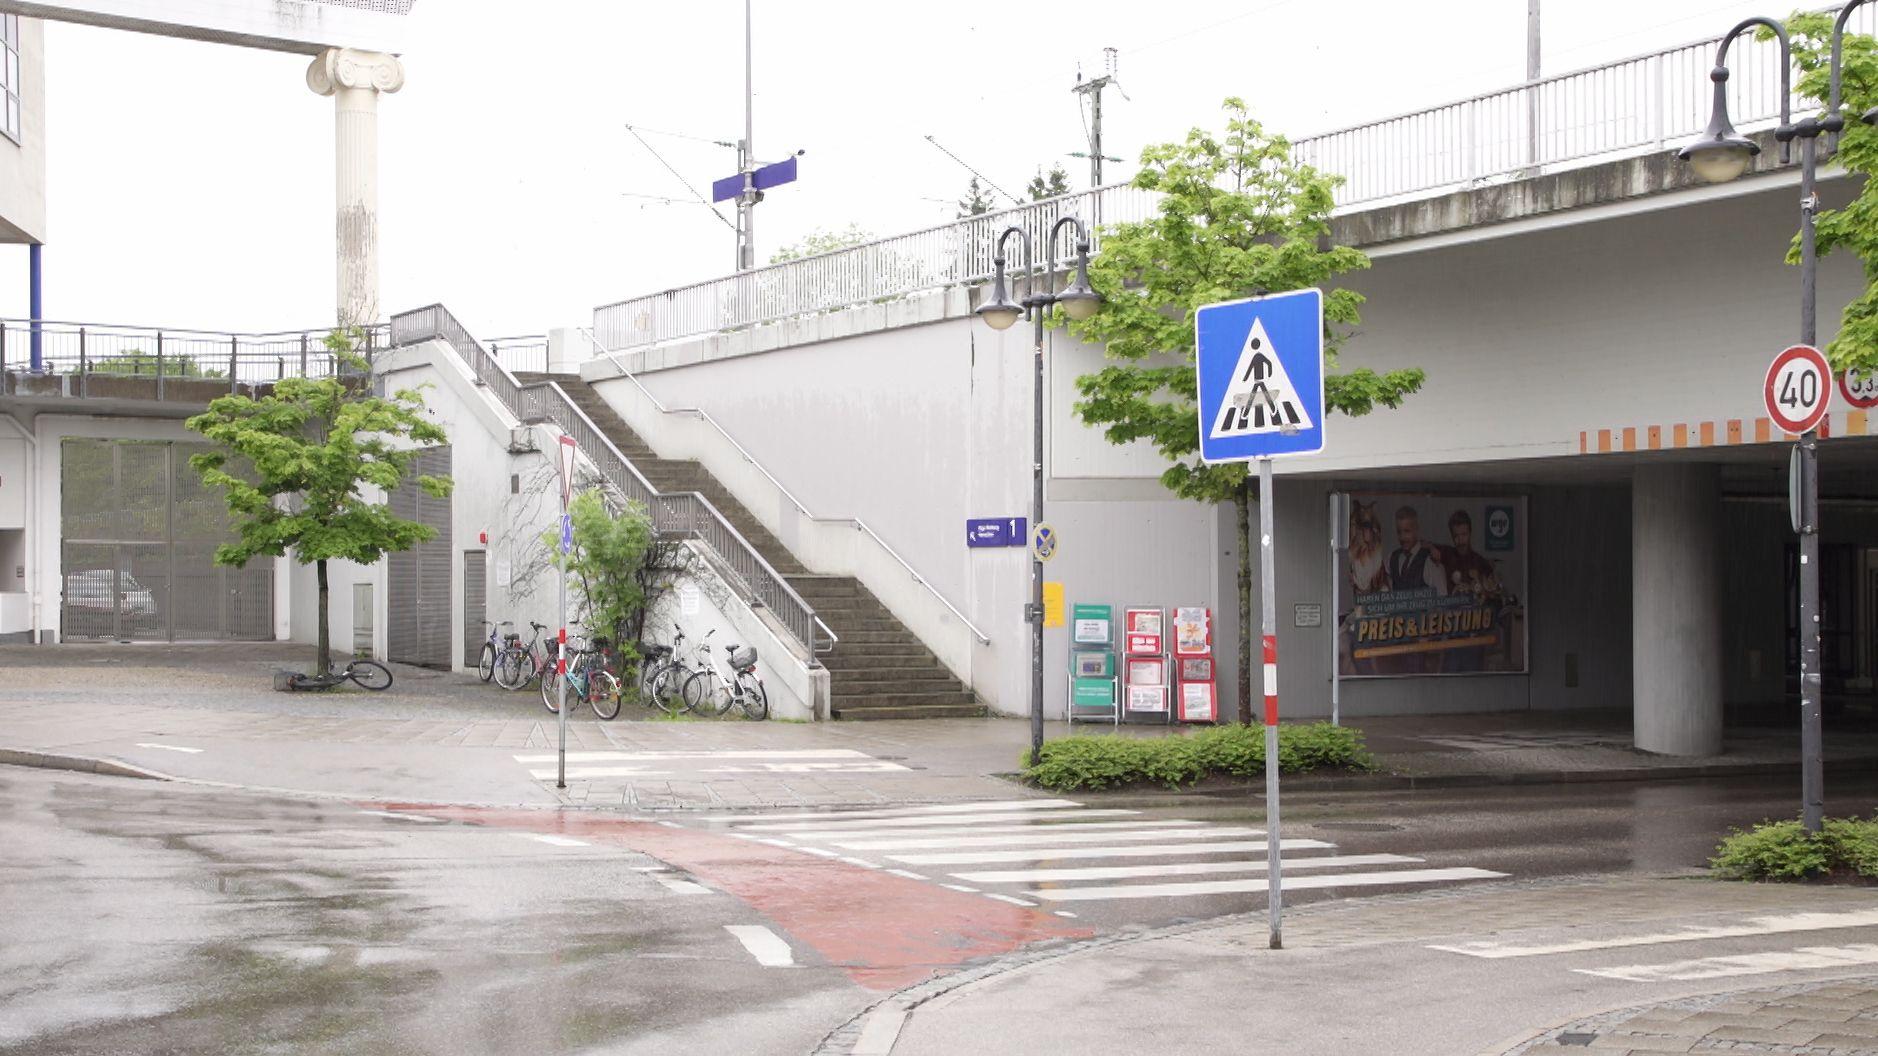 Die Unterführung am S-Bahnhof Germering-Unterpfaffenhofen